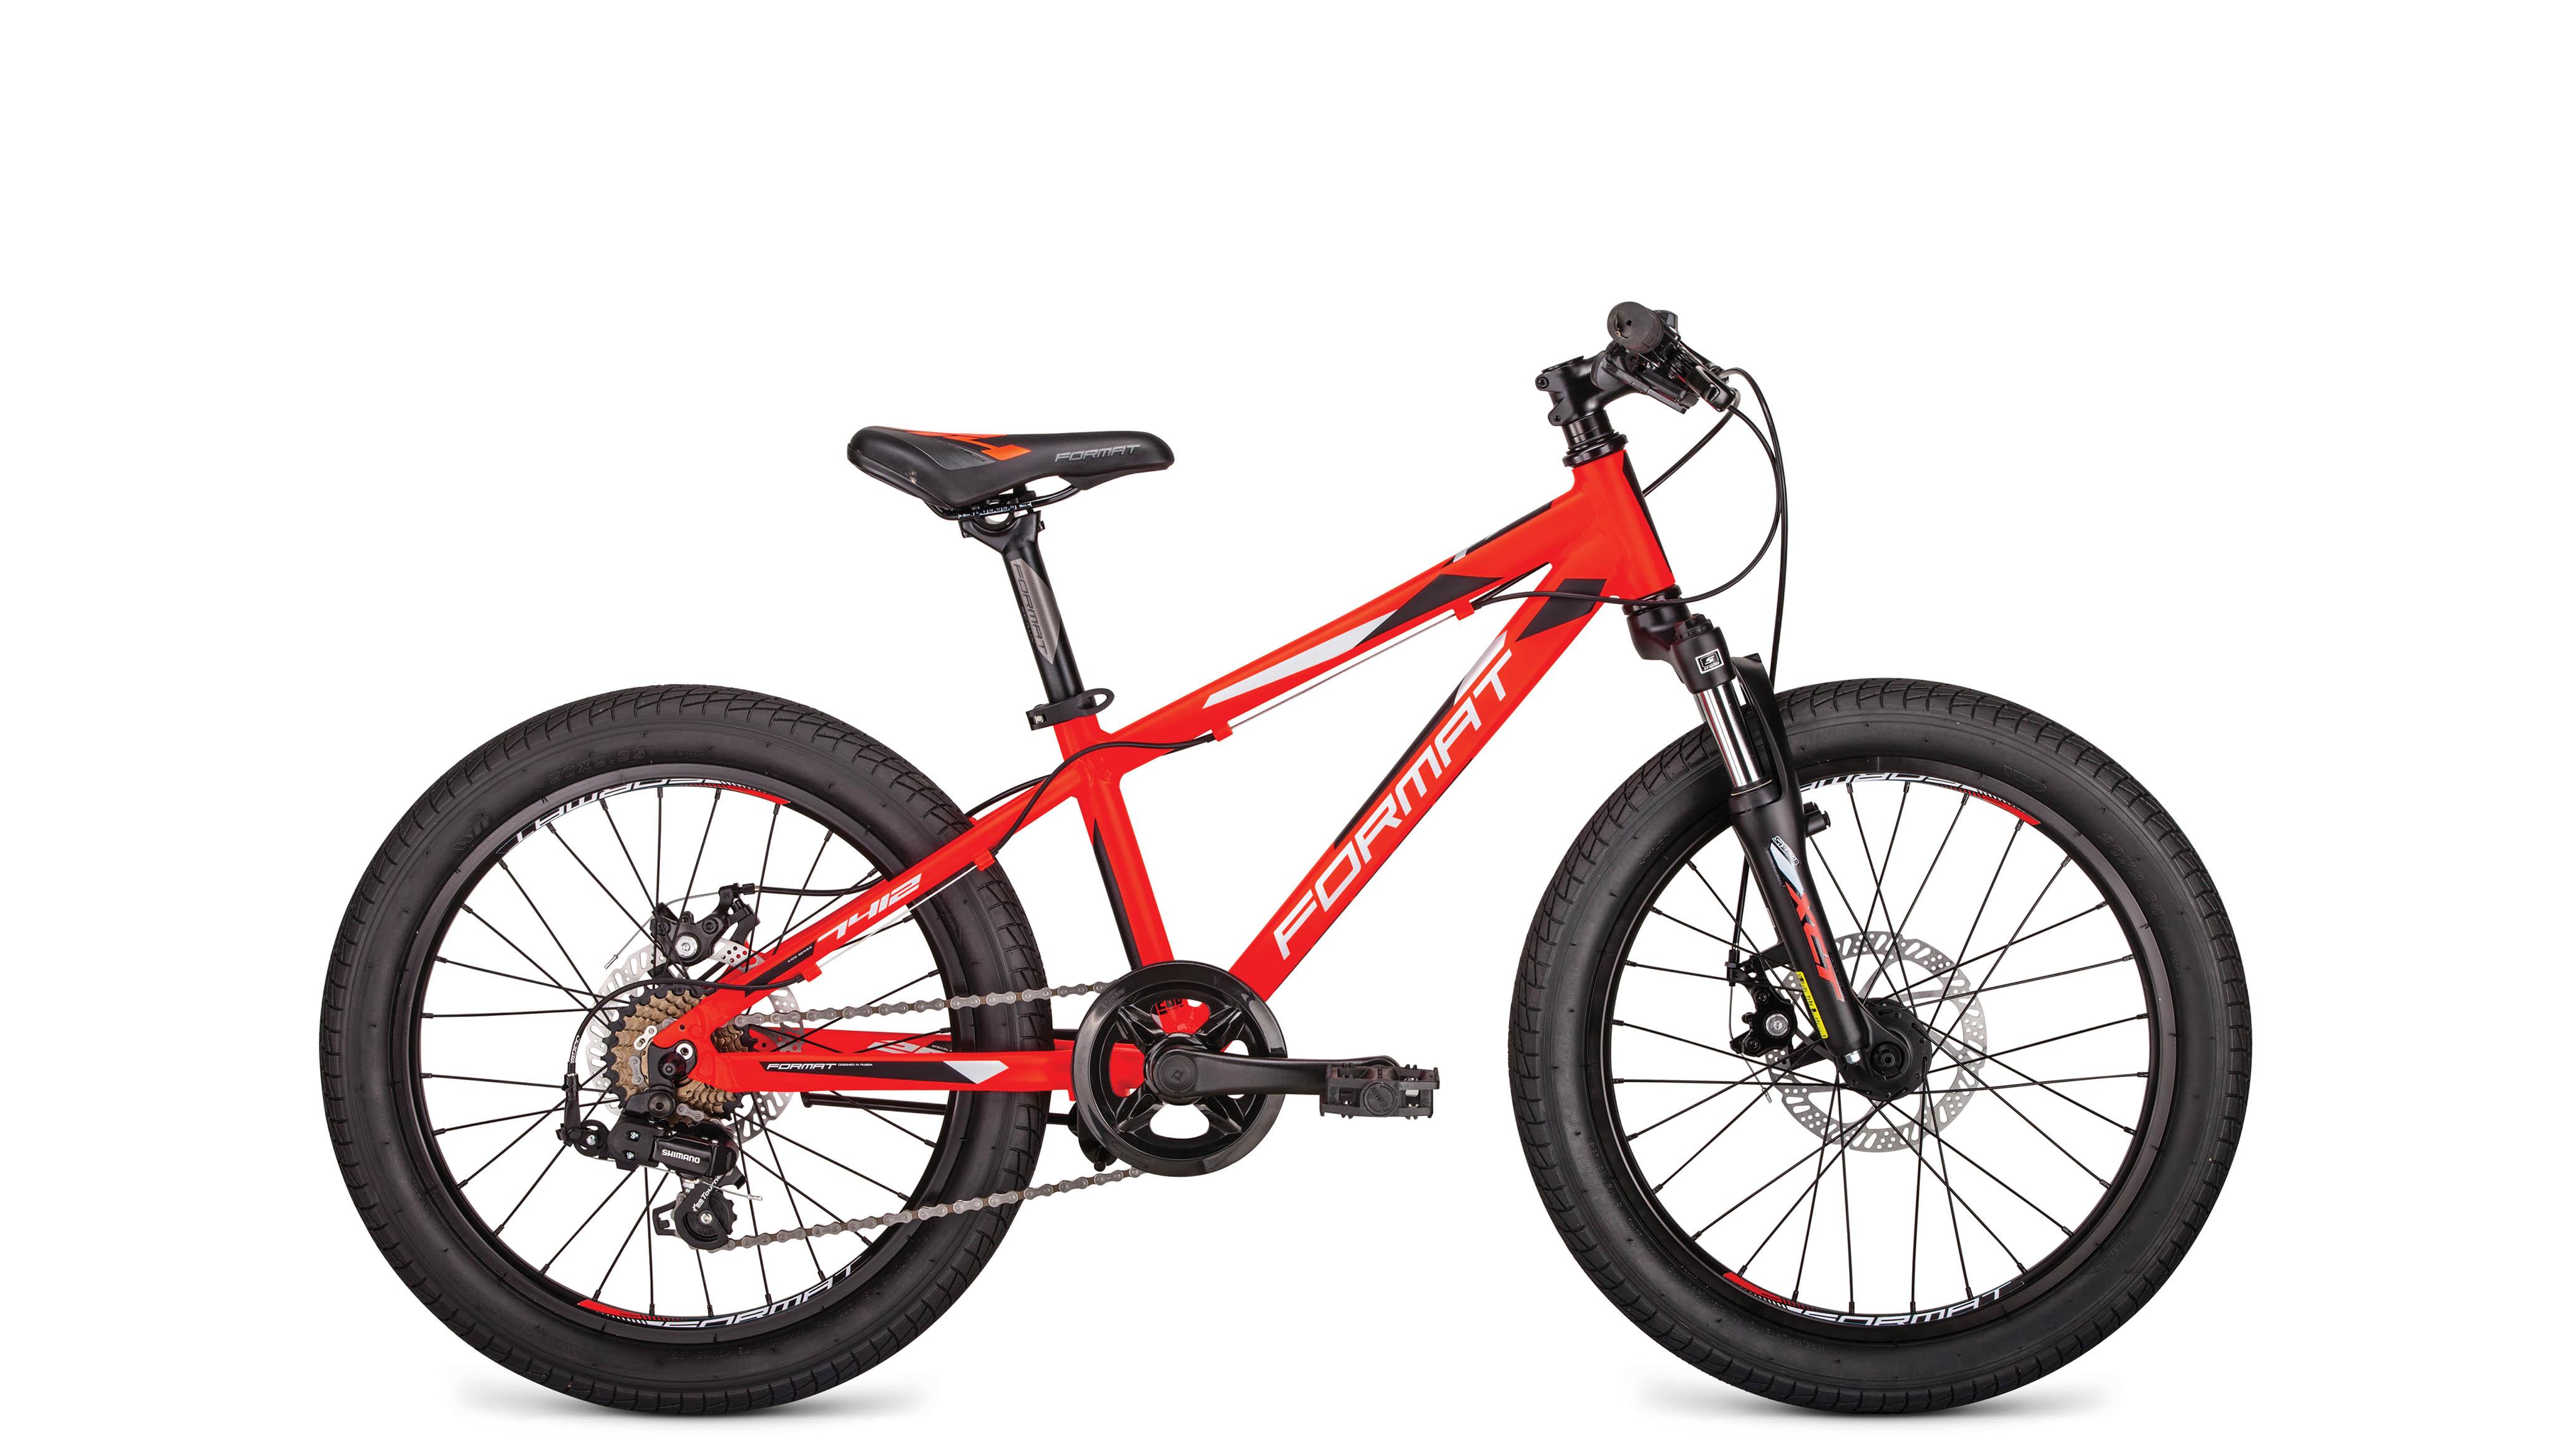 Велосипед FORMAT 7412 2019 красный матовый one size